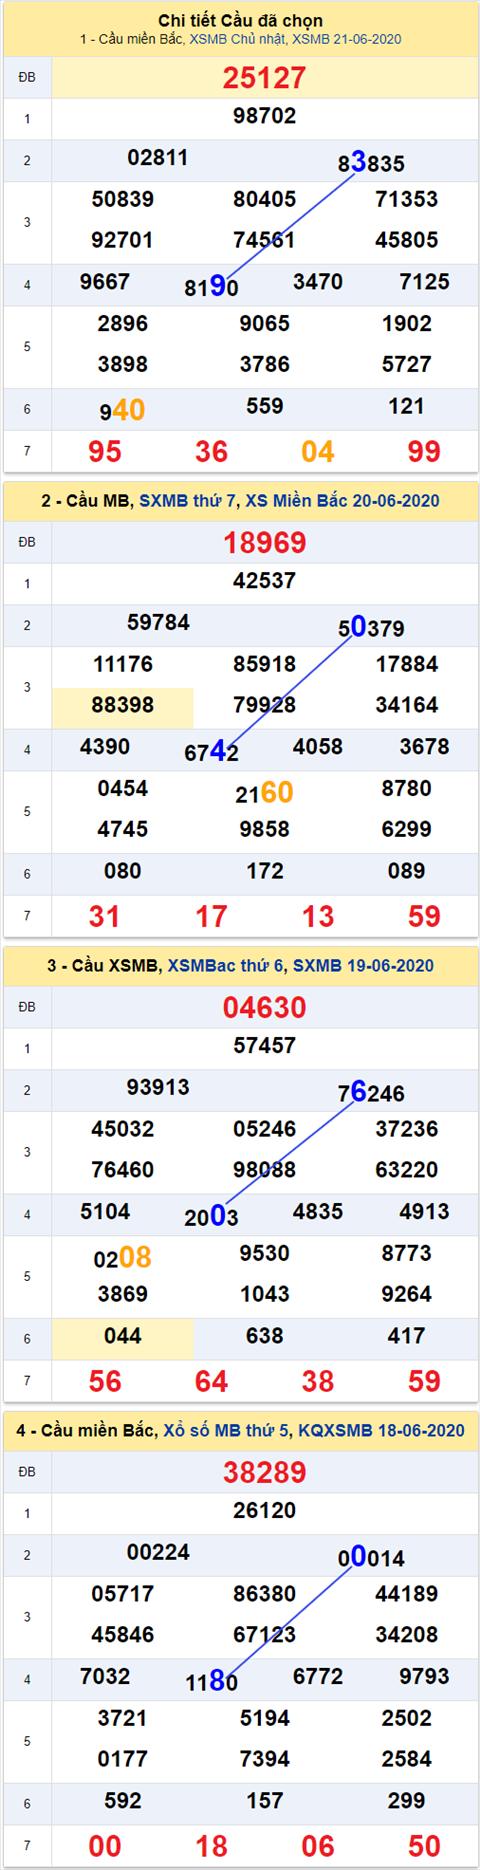 Thong ke XSMB 2262020 - Phan tich xo so Mien Bac 22-06 thu 2 hinh anh 2